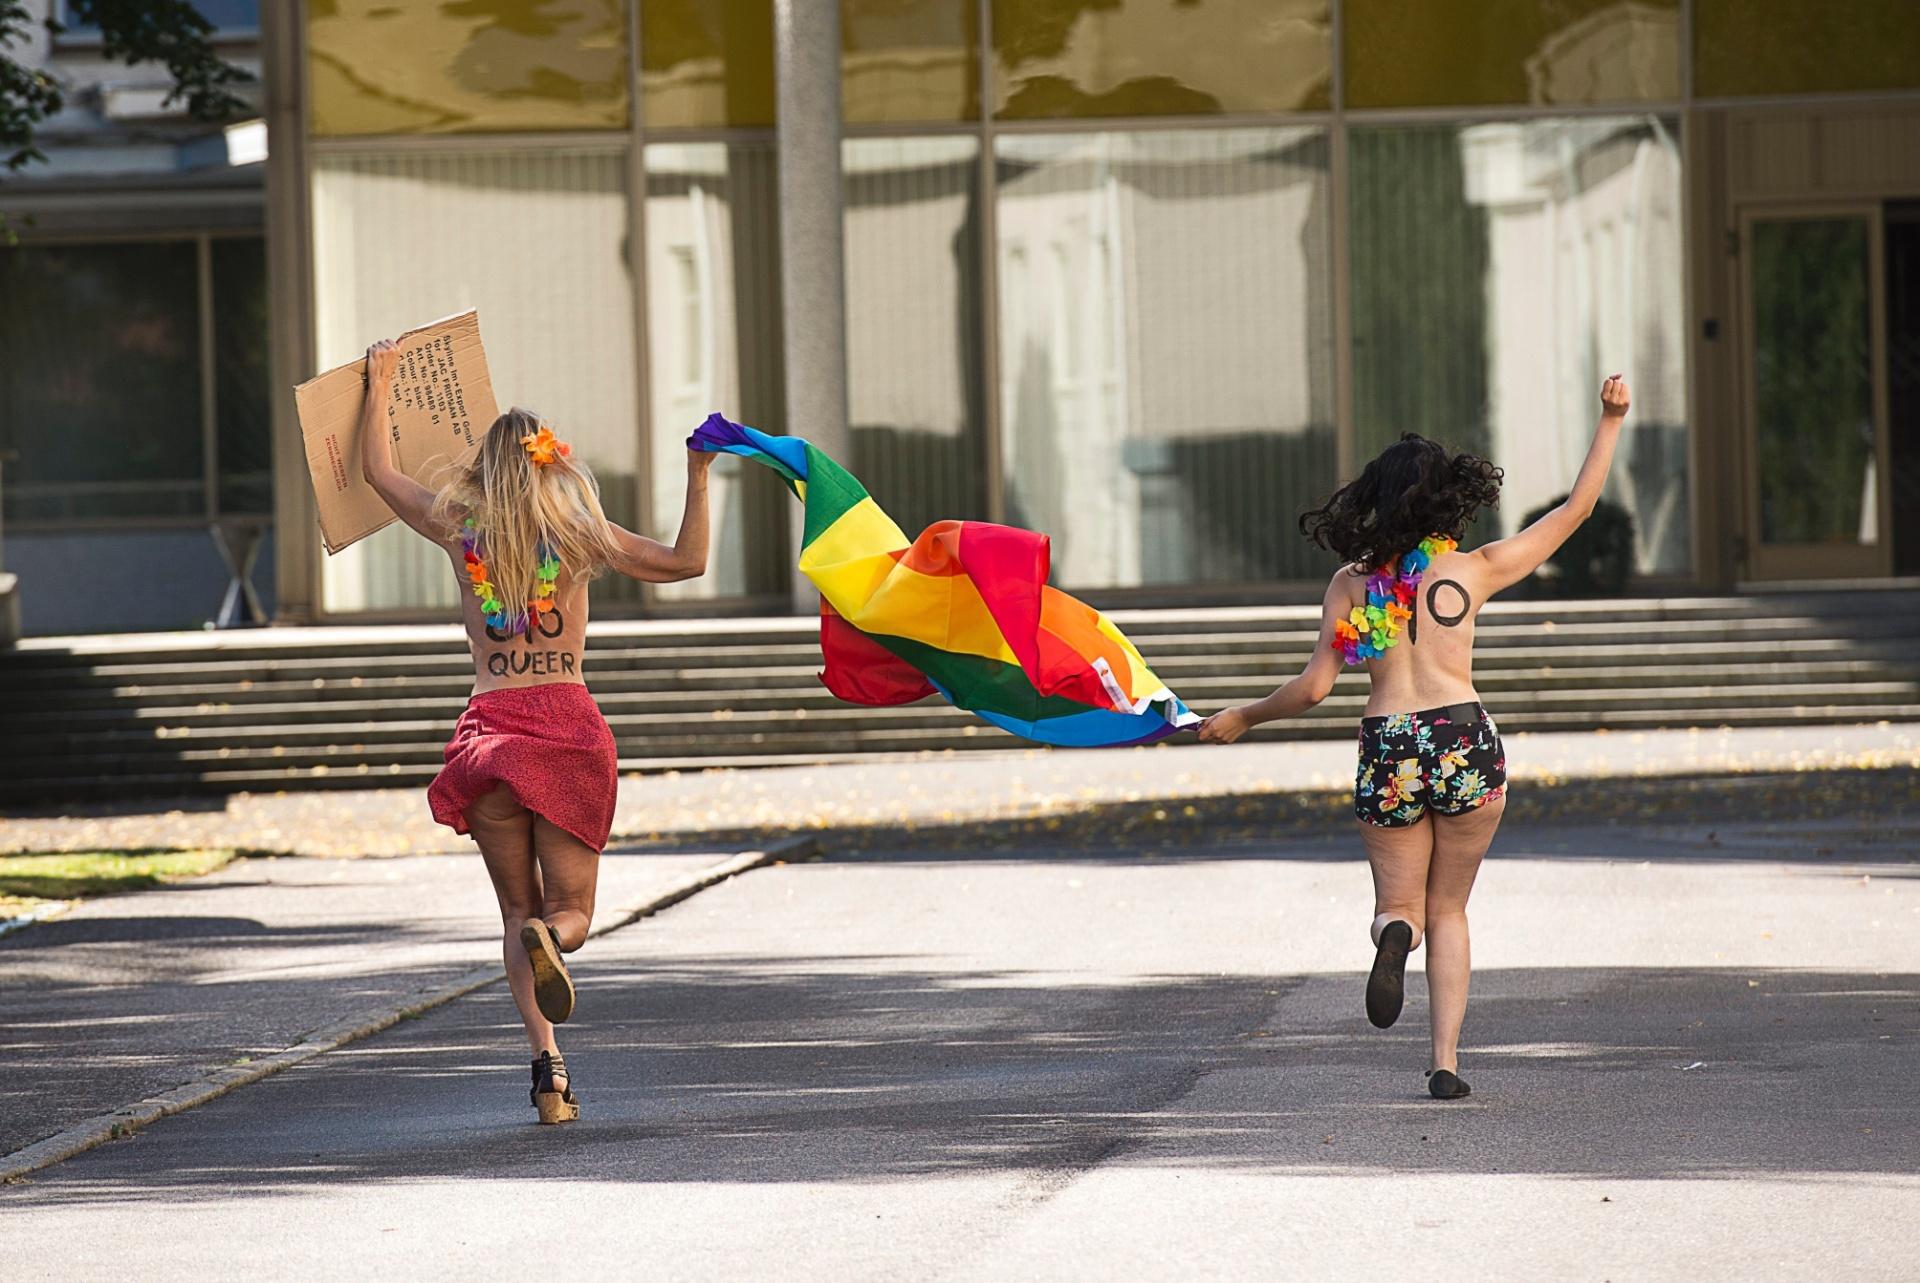 1º.ago.2013 - Ativistas do Femen (grupo feminista famoso pelos protestos com o uso de topless) correm segurando bandeira do arco-íris, símbolo do orgulho gay, em protesto em Estocolmo, na Suécia, nesta quinta-feira (1º). As ativistas protestam contra um projeto de lei antigay na Rússia e a estigmatização dos homossexuais